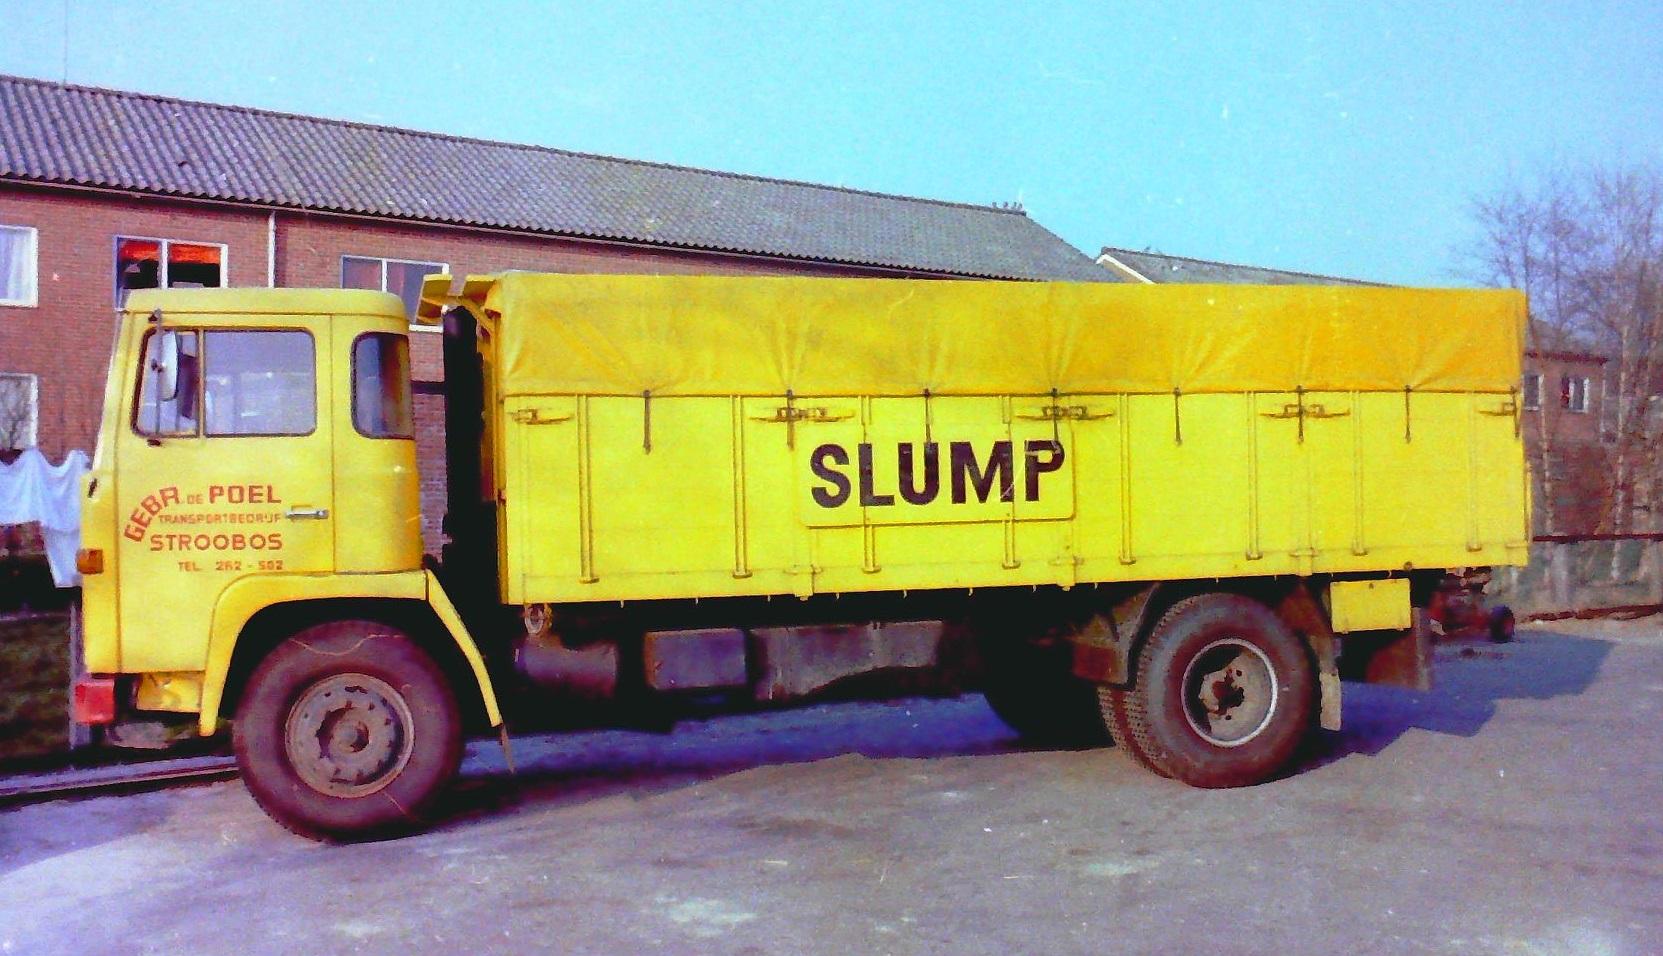 Scania--bulkauto-van-Gebr-de-Poel-uit-Stroobos-die-reed-voor-Slump-veevoederfabriek-te-Stroobos-hij-is-gebouwd-door-Rondaan-toen-nog-te-Beetgum-3